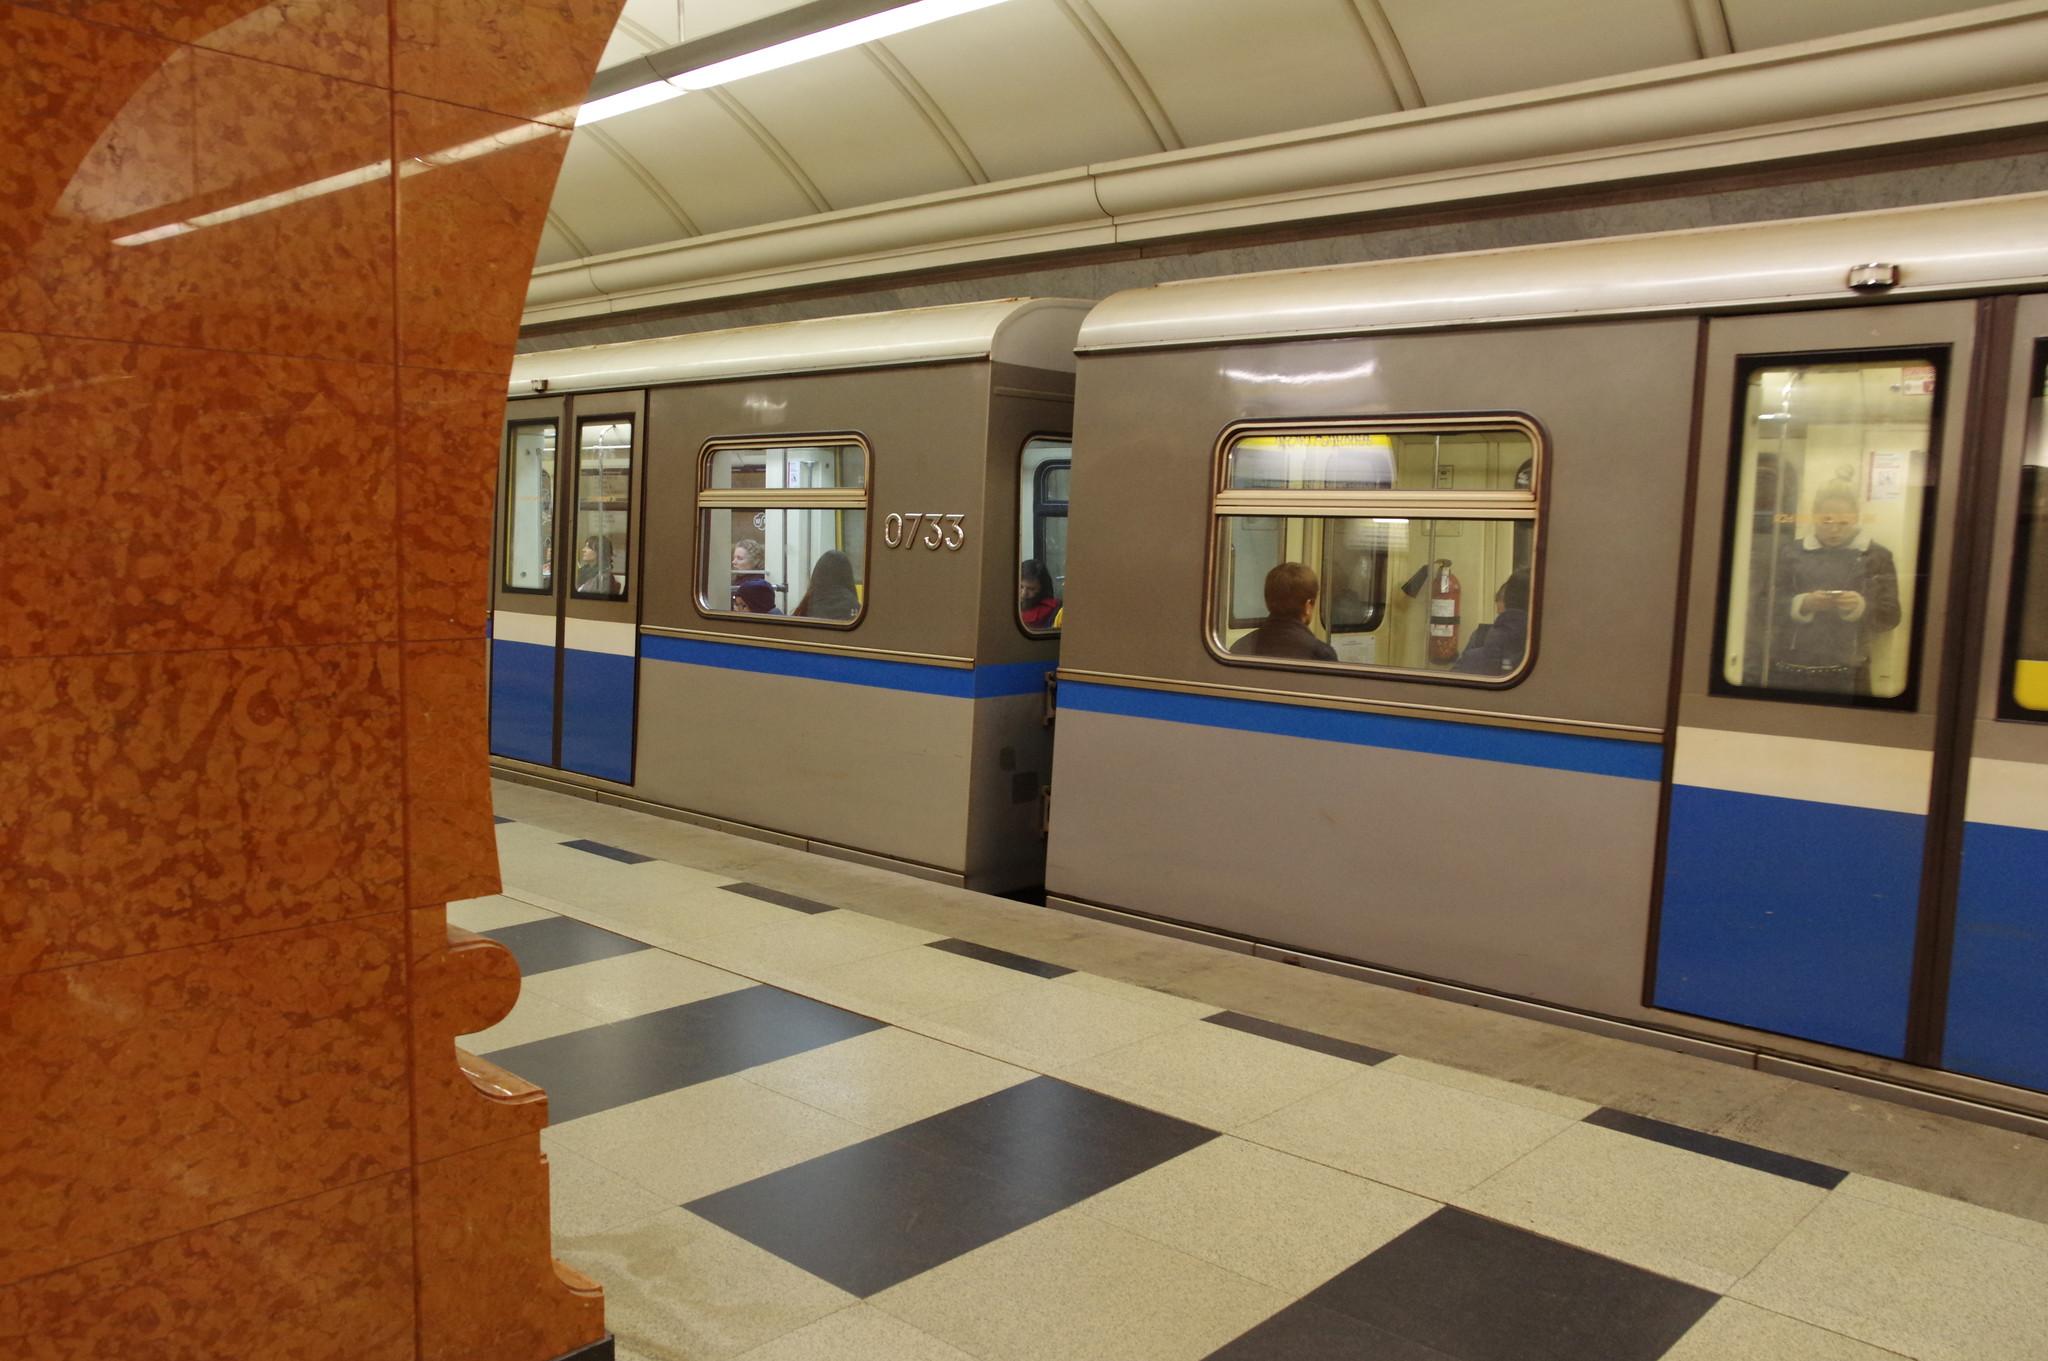 Вагон 81-741.1 «Русич» № 0733 на станции «Парк Победы» Московского метрополитена